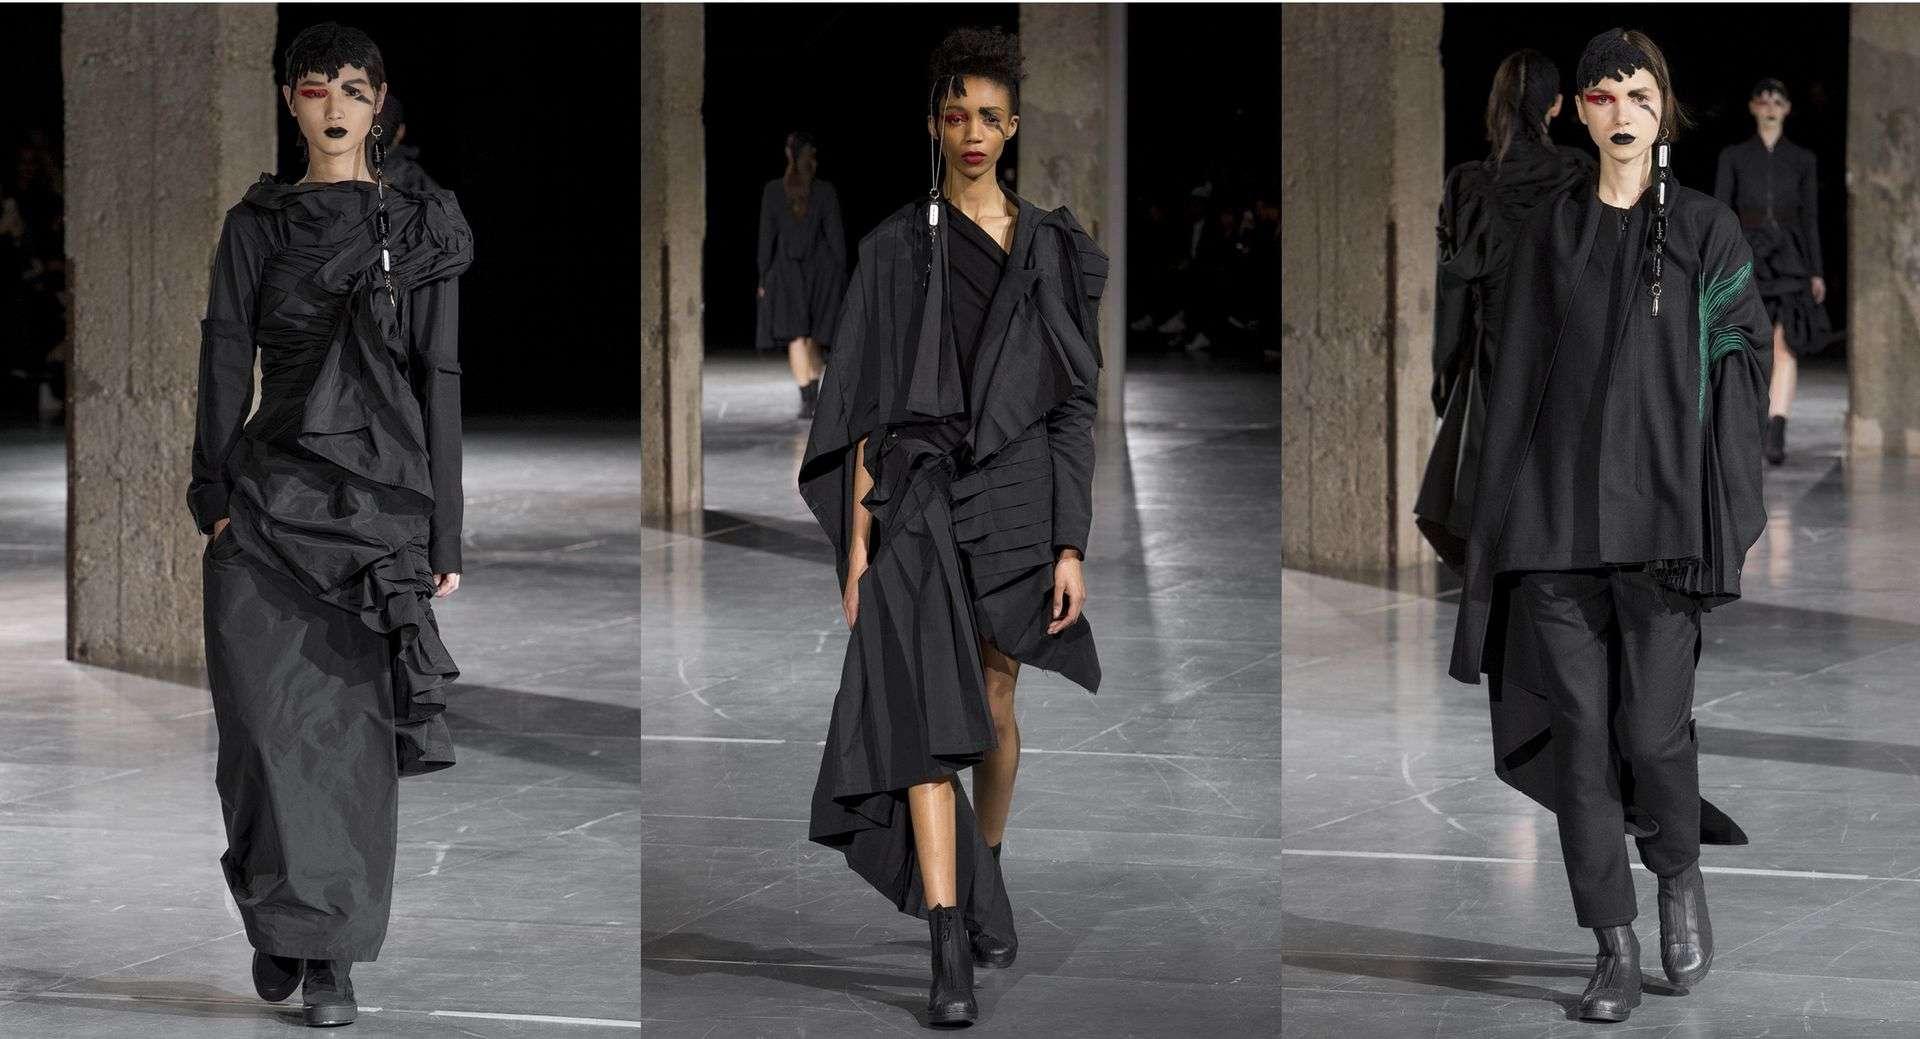 طراحان لباس ژاپنی در عرصهی مد مفهومگرا در صنعت مد و فشن از دیرباز پیشتاز و بنام بودهاند.